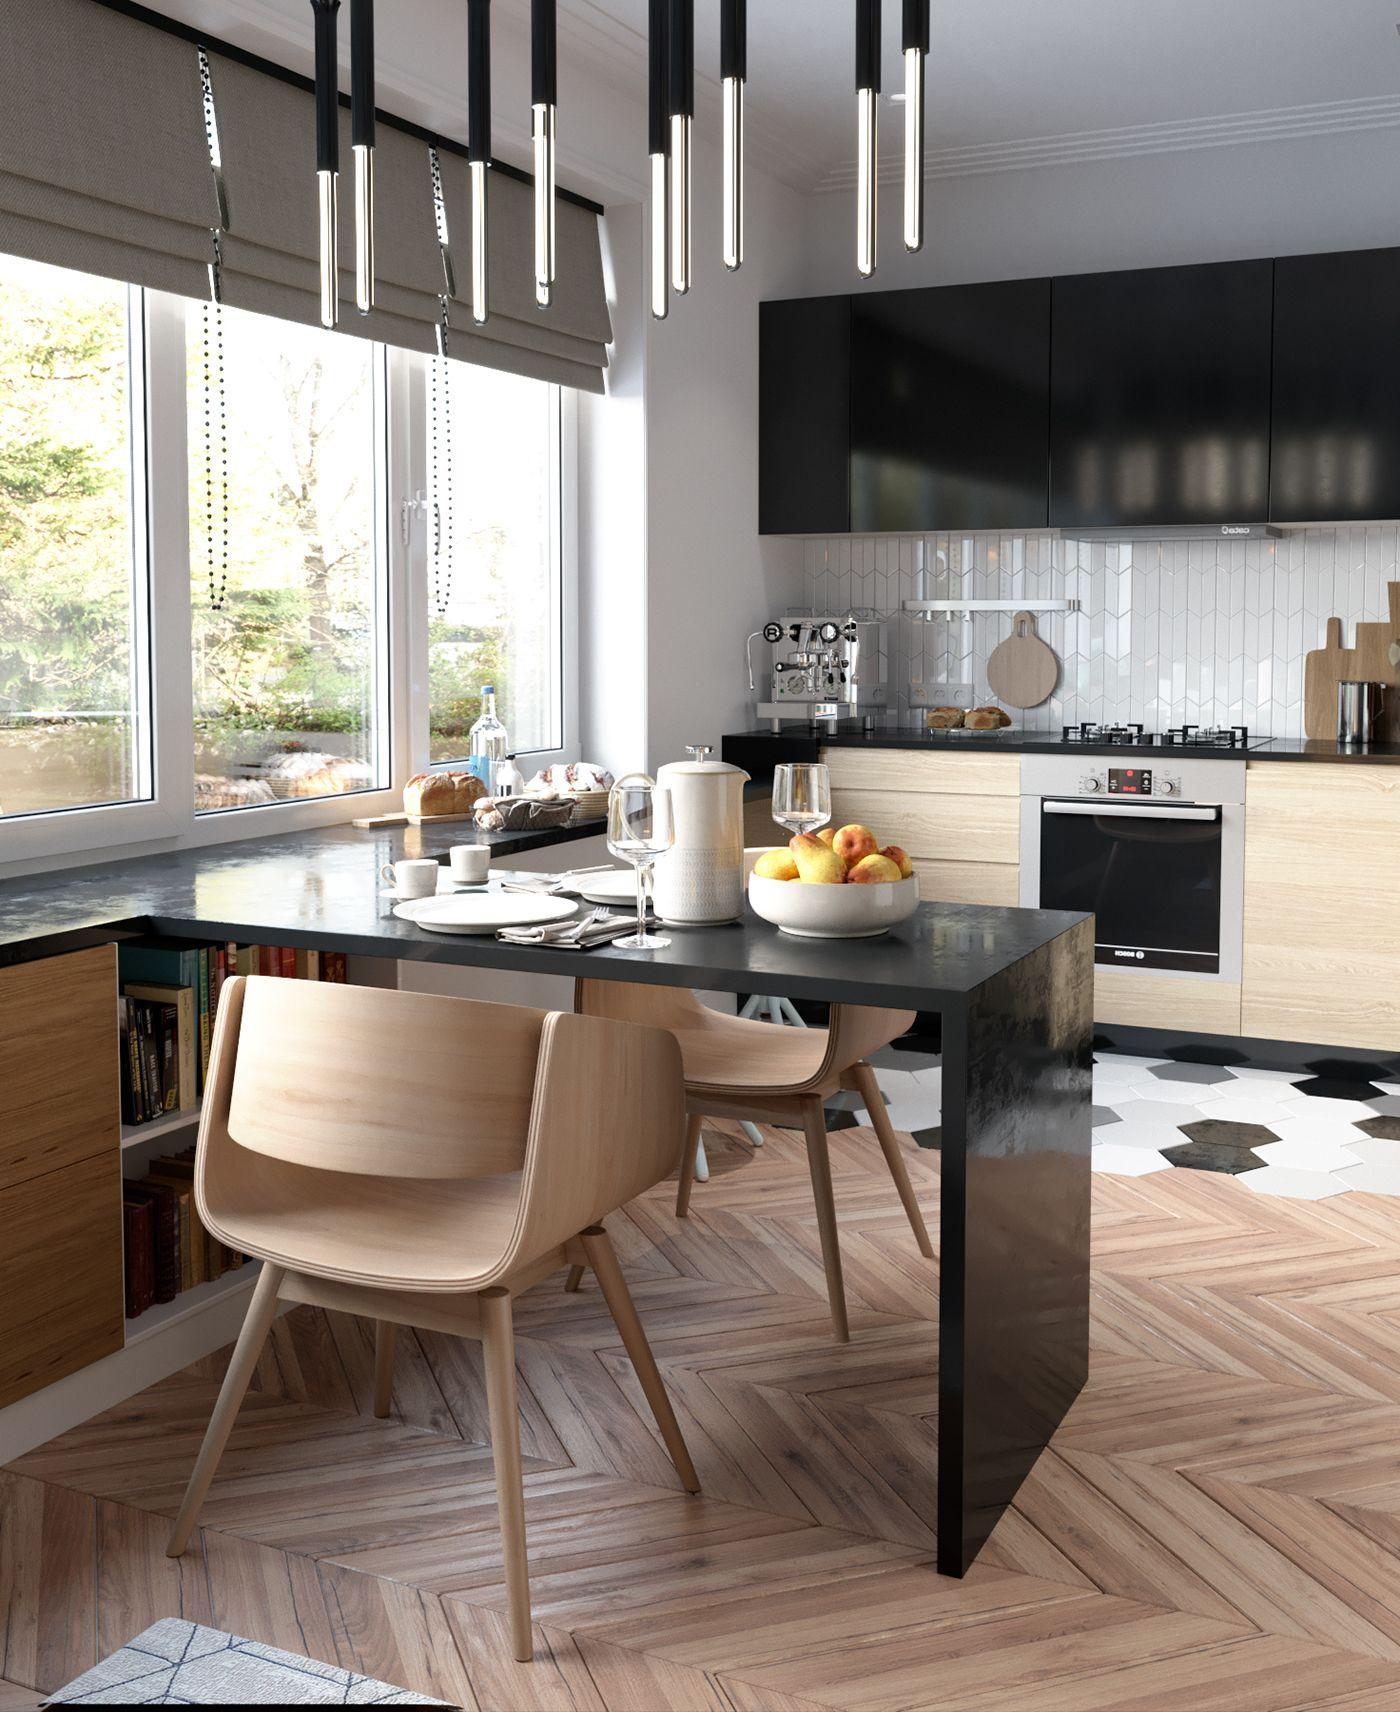 Room Living room on Behance